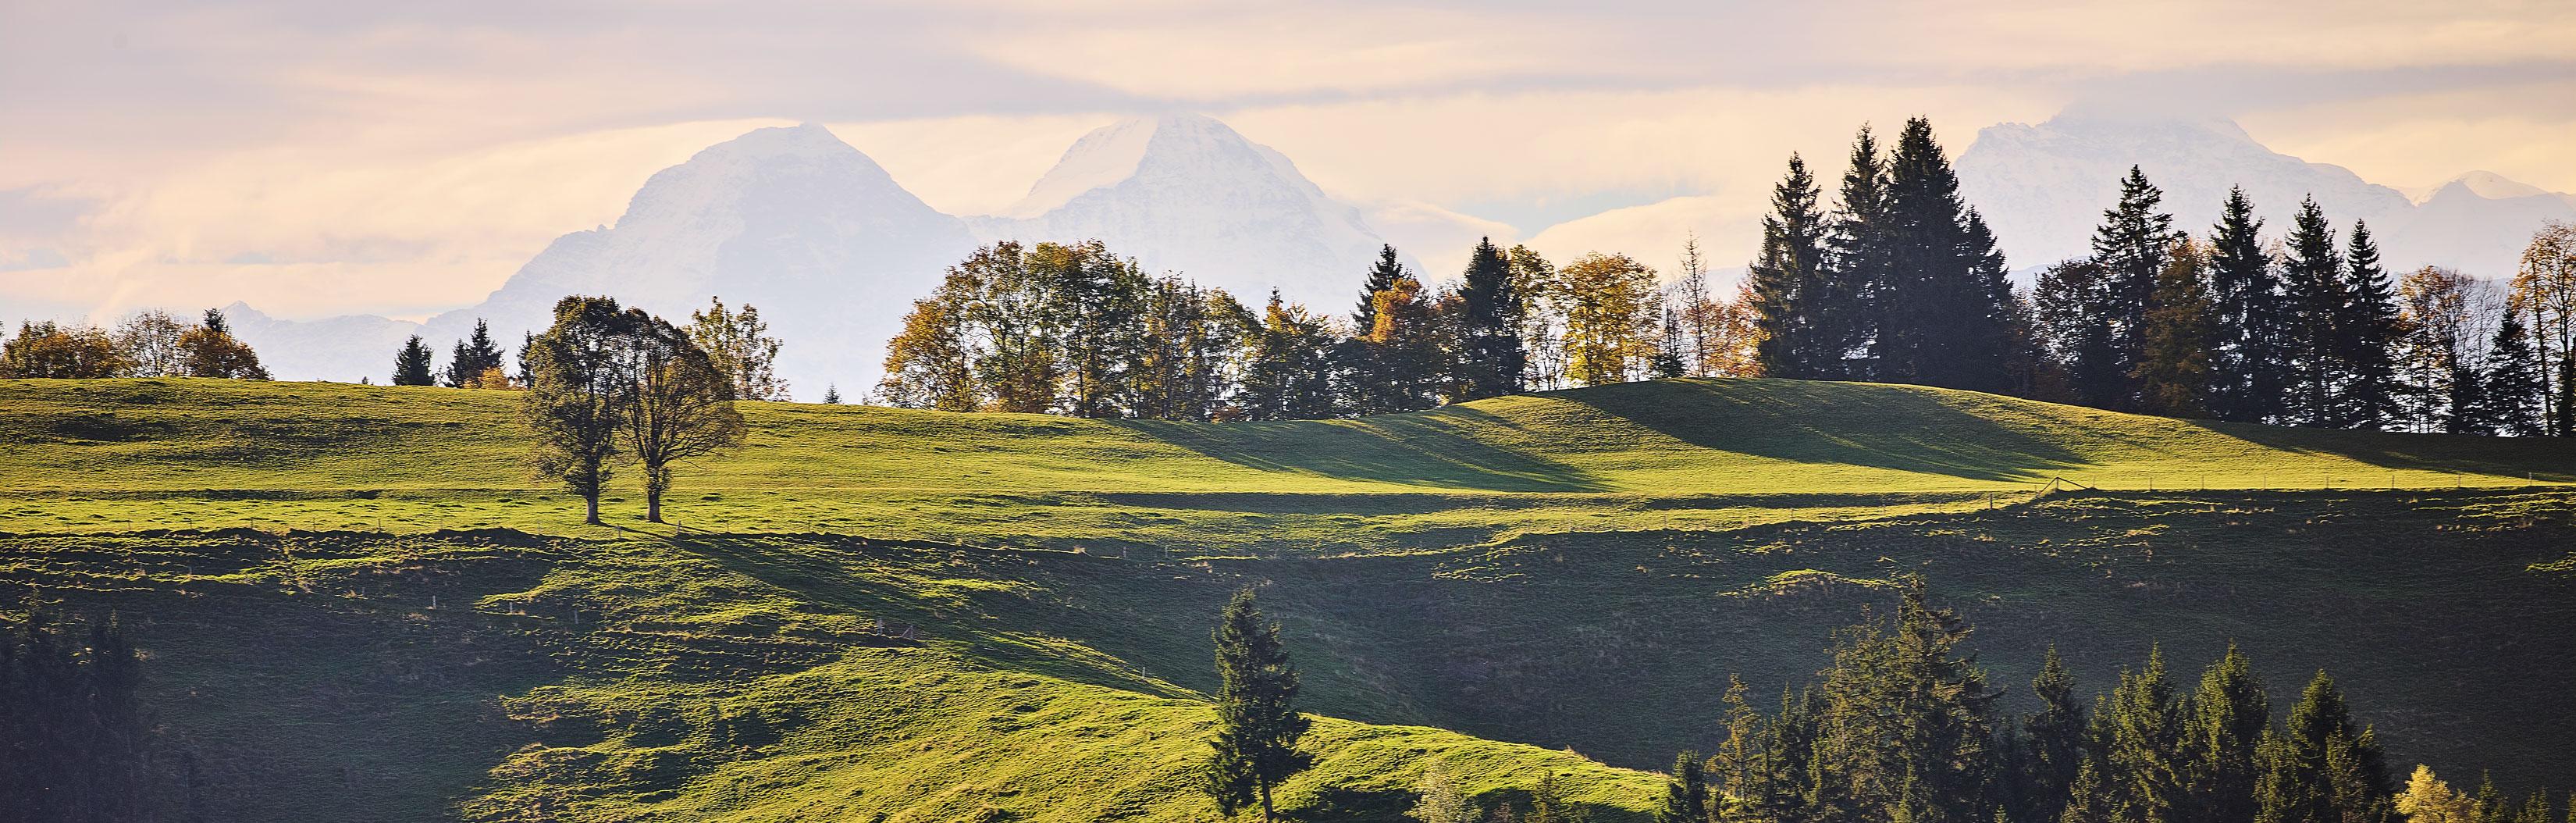 kambly-landschaft-Ein-Beitrag-zur-Lebensqualitaet